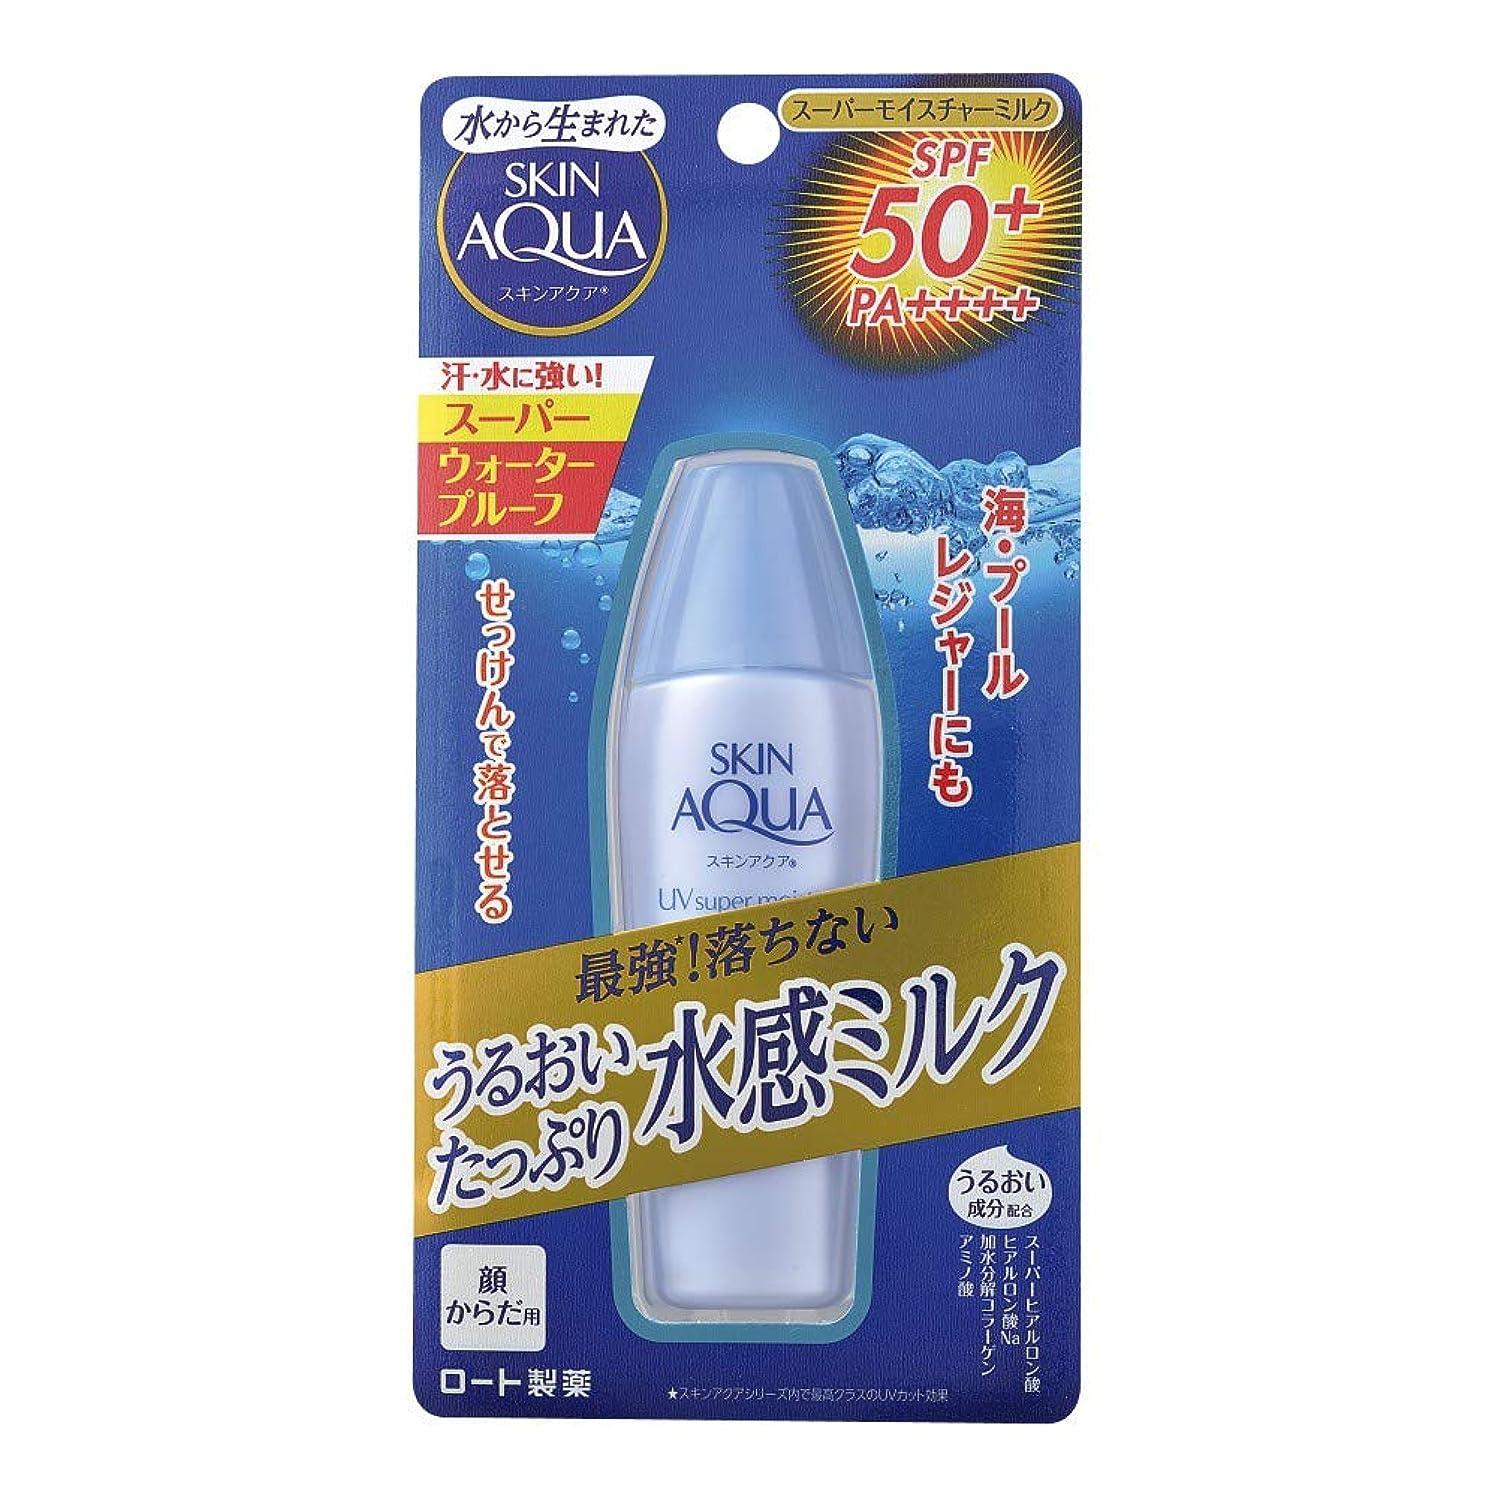 振動させる没頭する広くスキンアクア (SKIN AQUA) 日焼け止め スーパーモイスチャーミルク 潤い成分4種配合 水感ミルク (SPF50 PA++++) 40mL ※スーパーウォータープルーフ